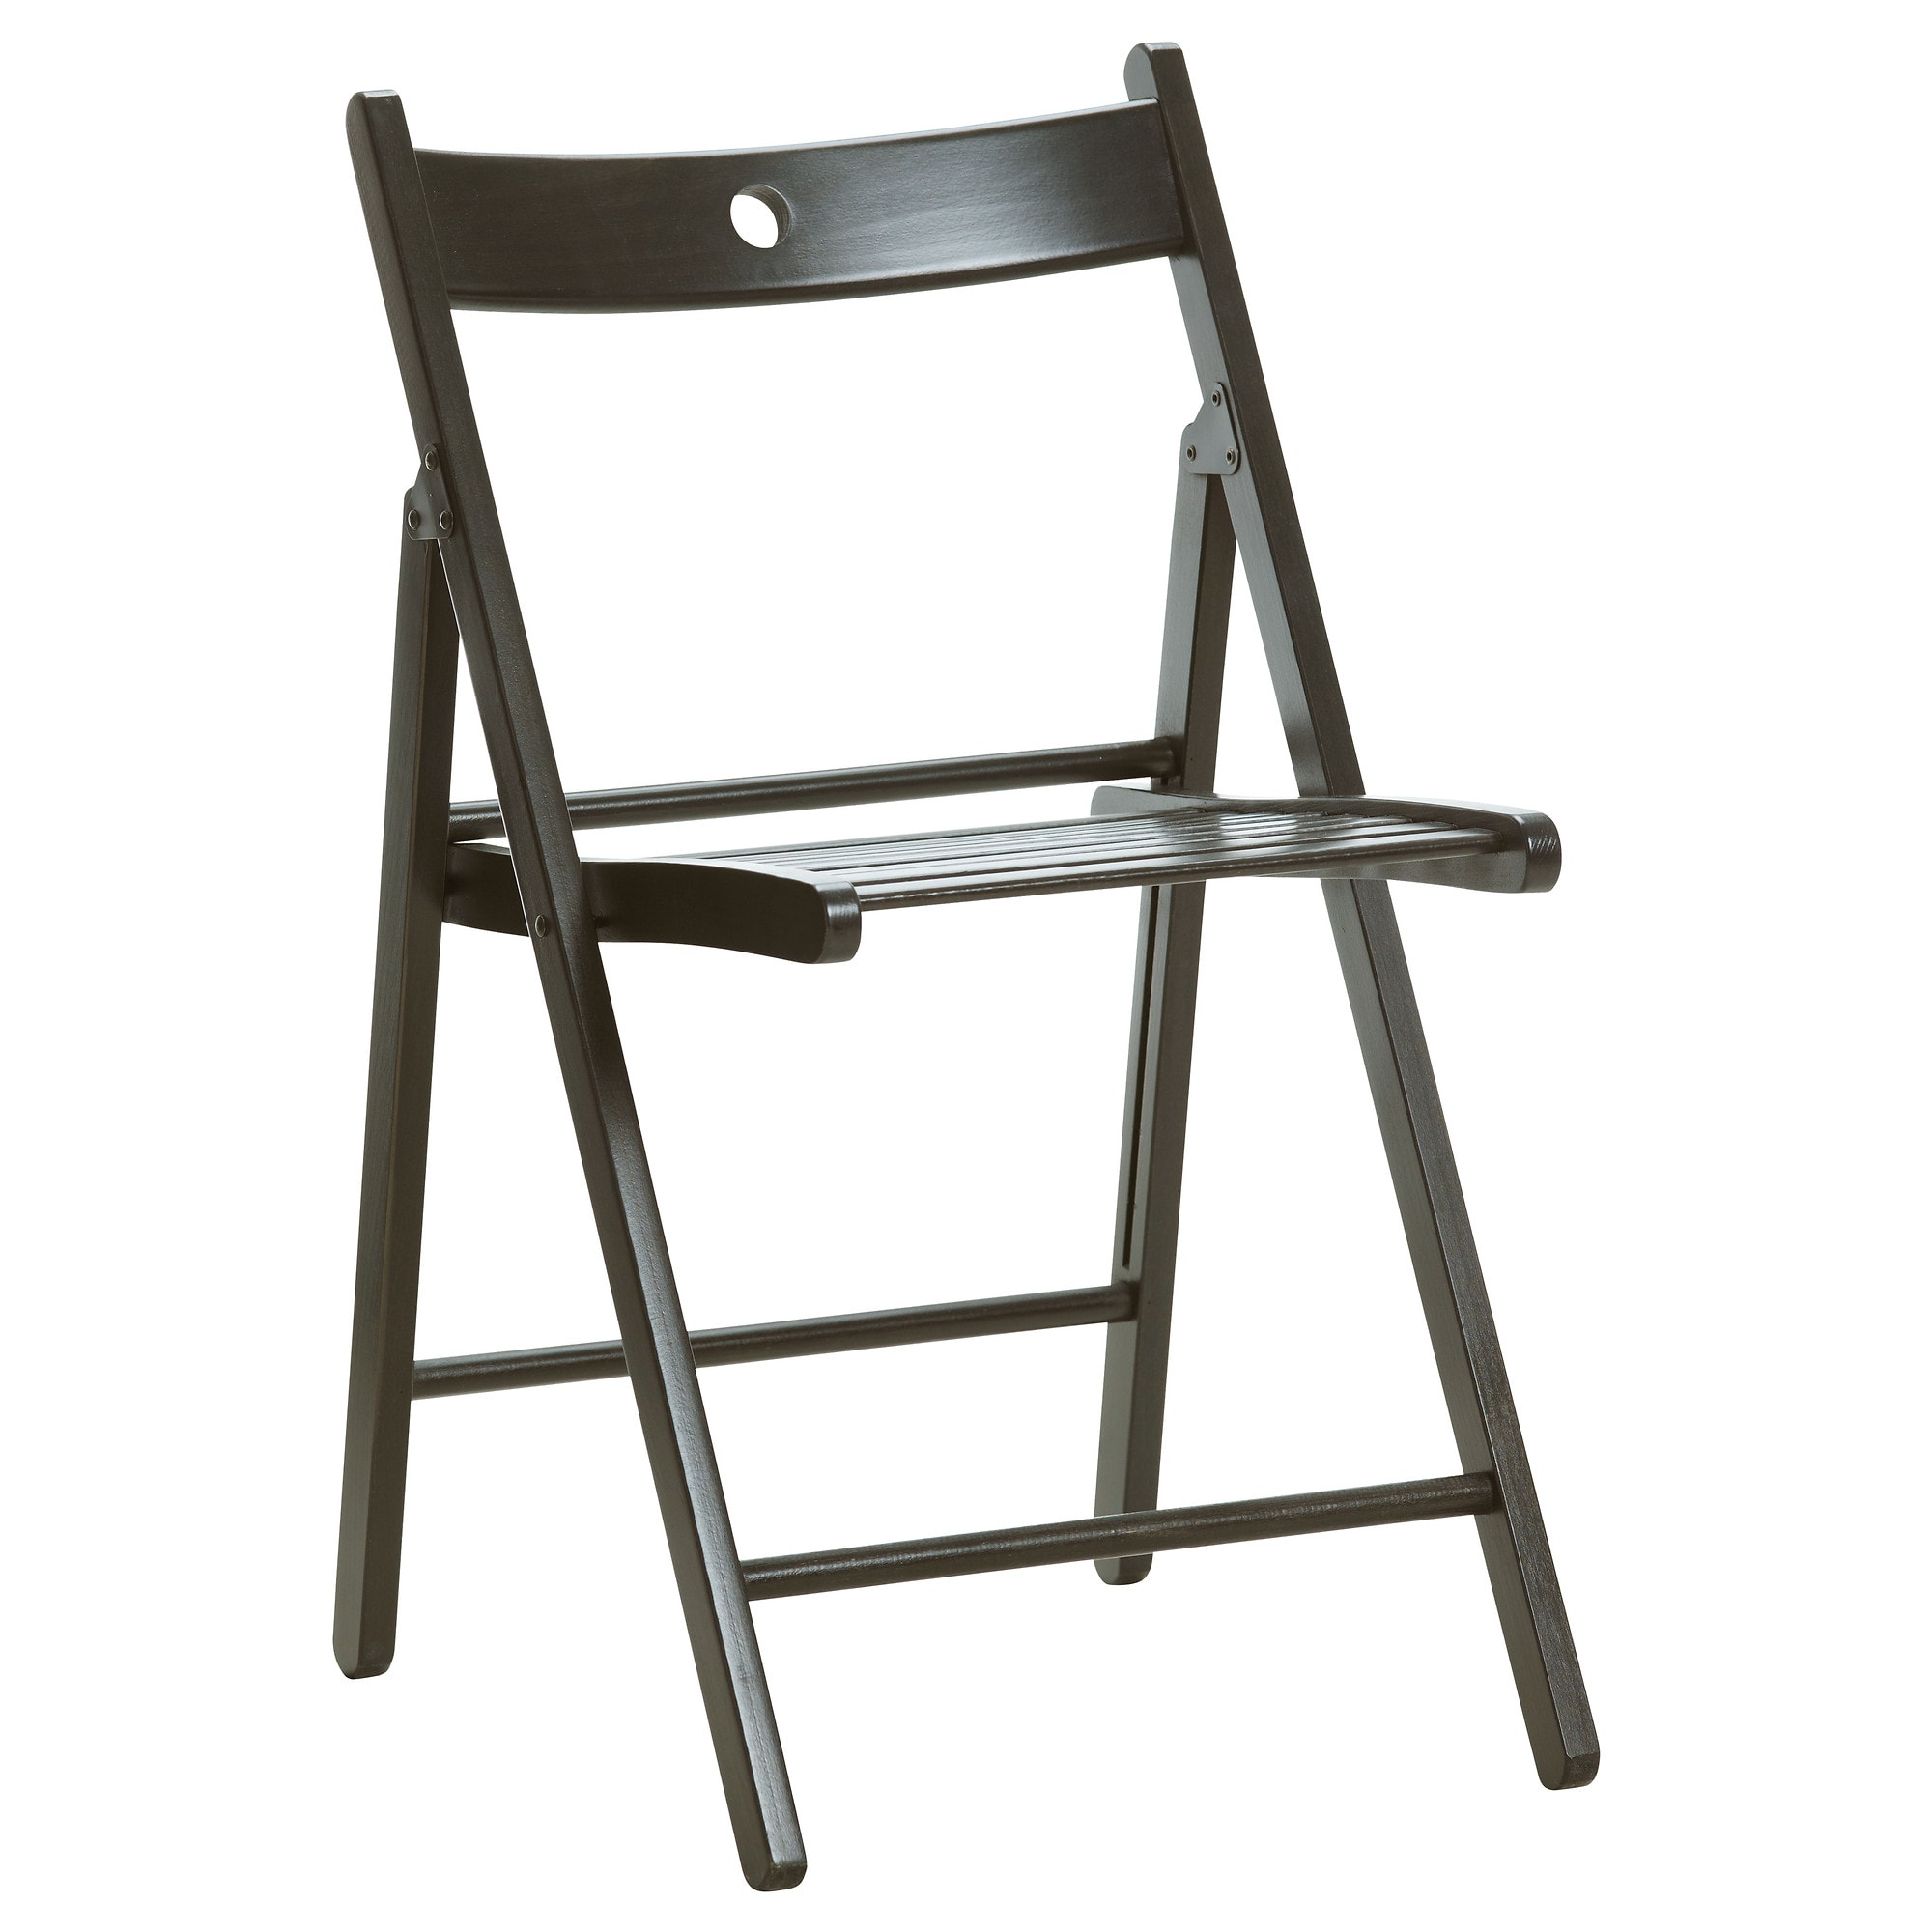 Sillas Plegables Comodas Wddj Sillas Plegables Sillas Taburetes Y Bancos Pra Online Ikea